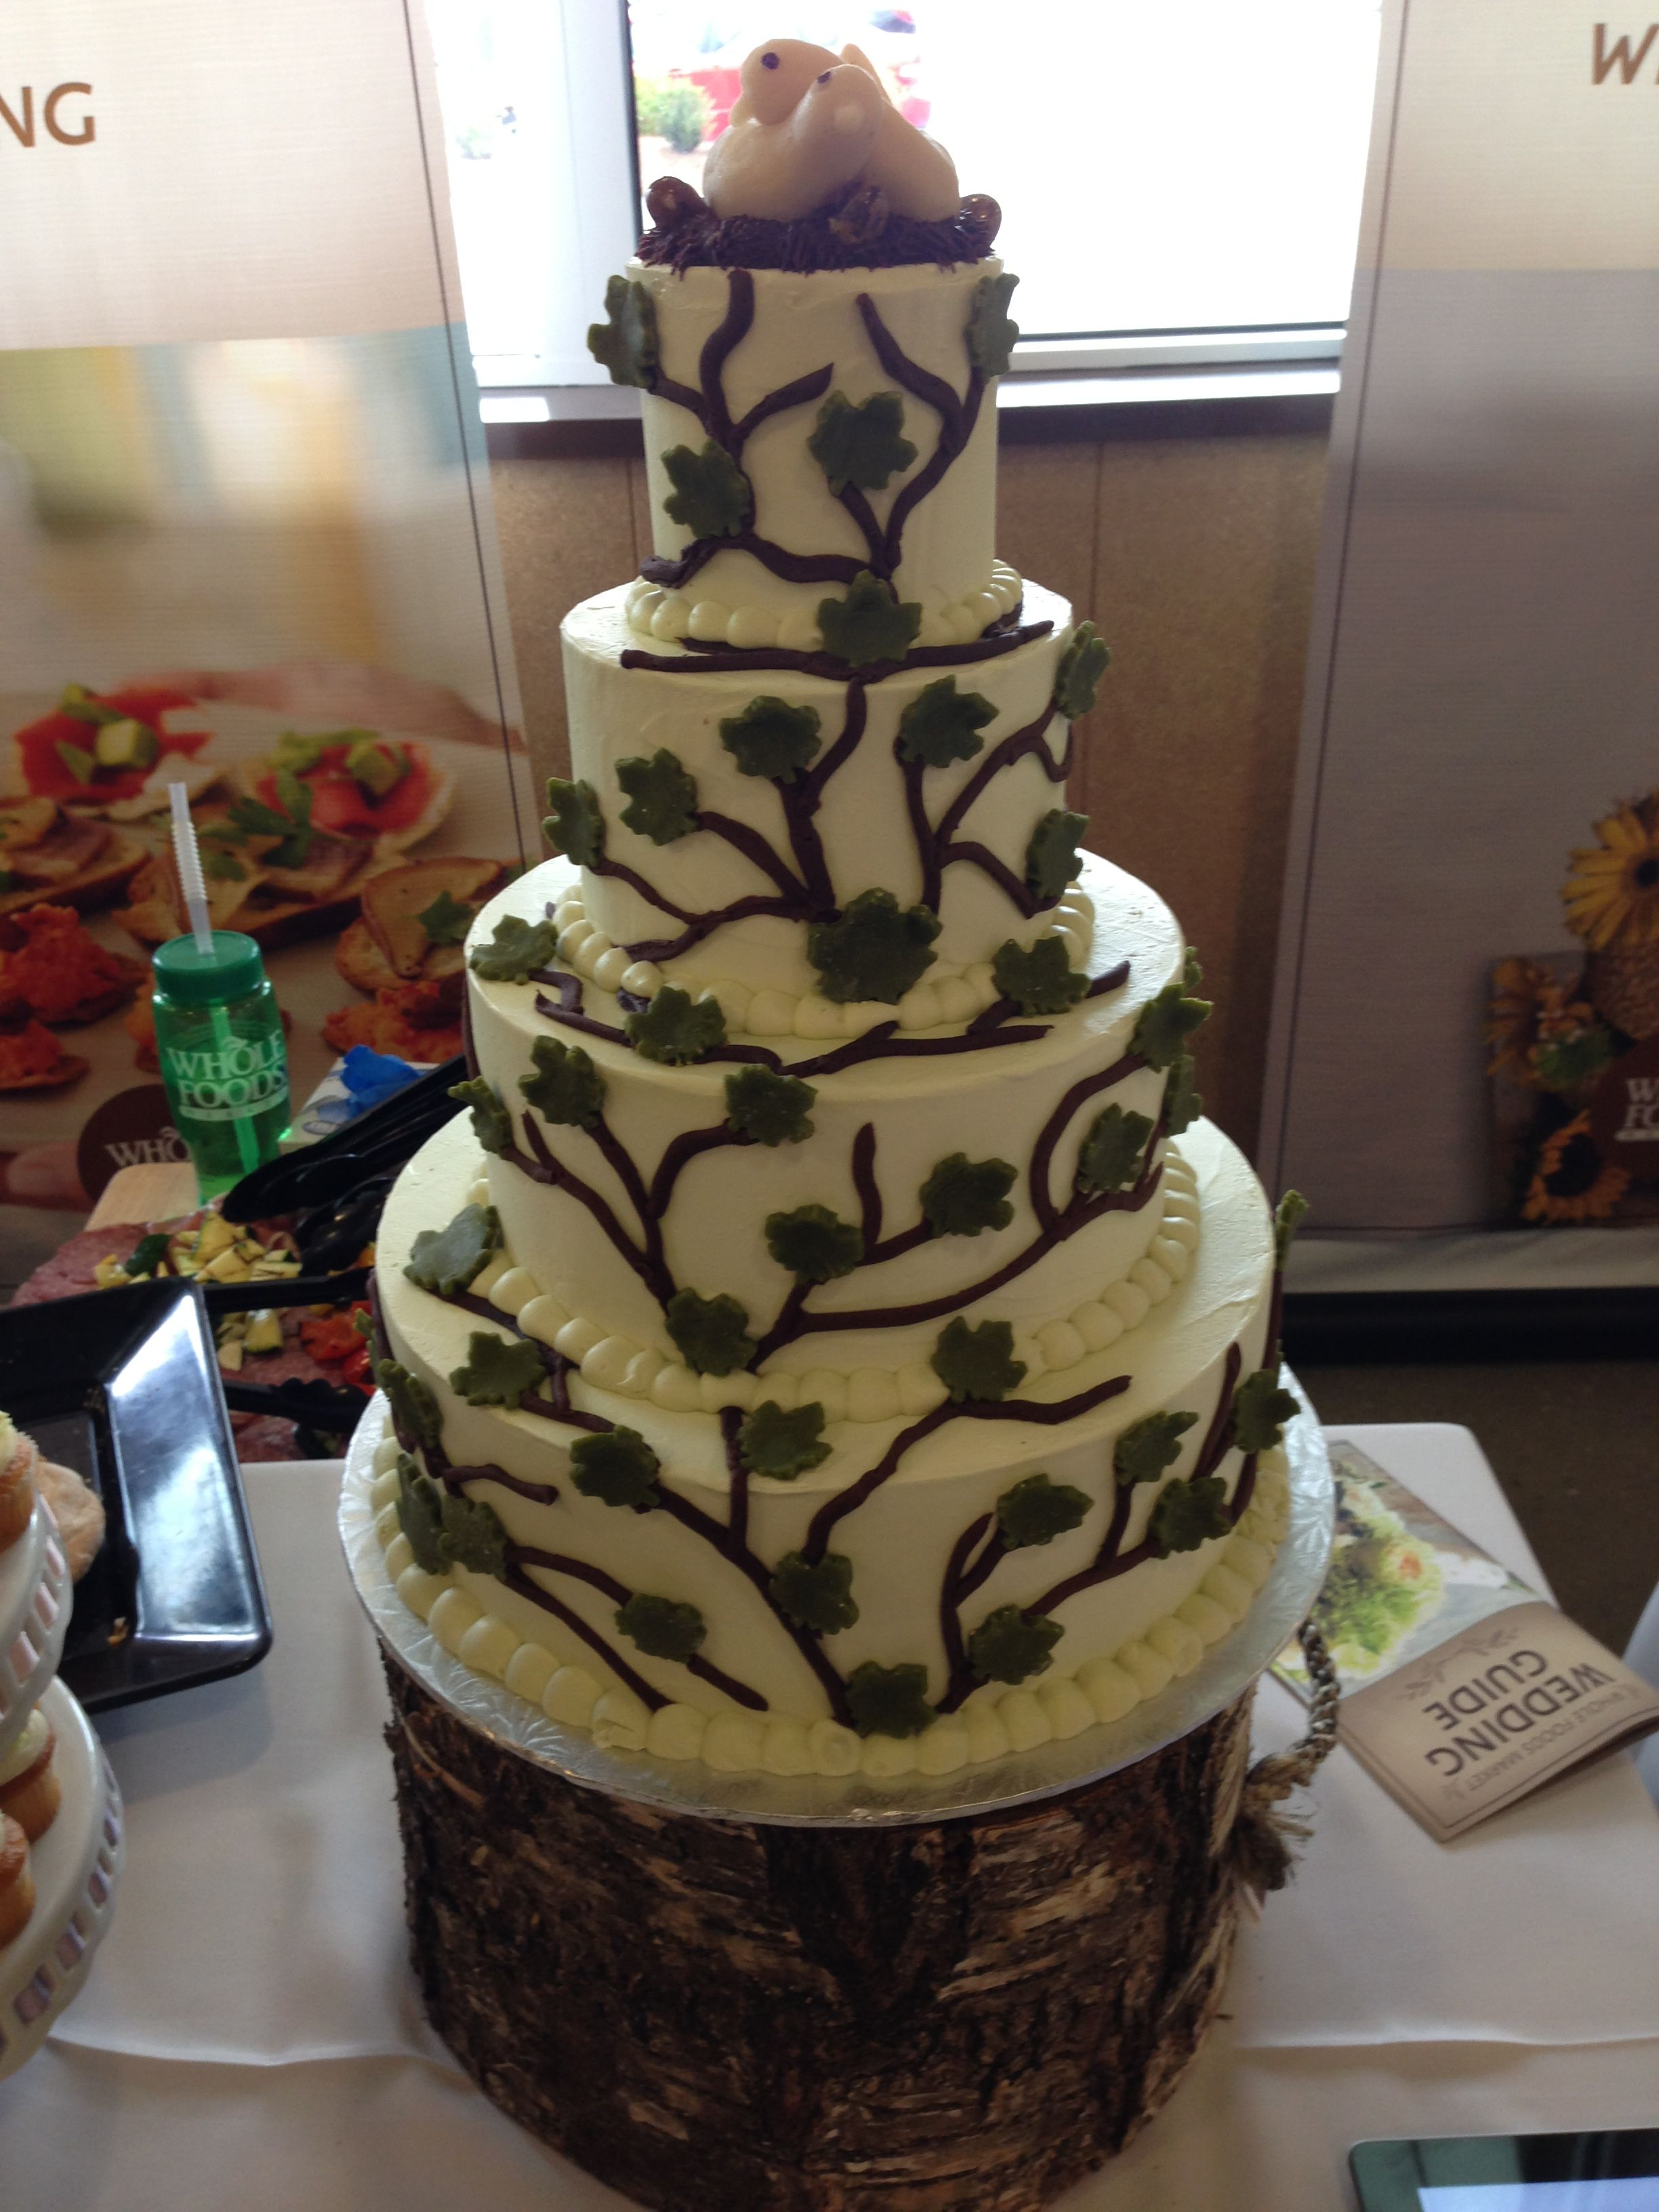 whole foods market wedding cake cakes pinterest. Black Bedroom Furniture Sets. Home Design Ideas